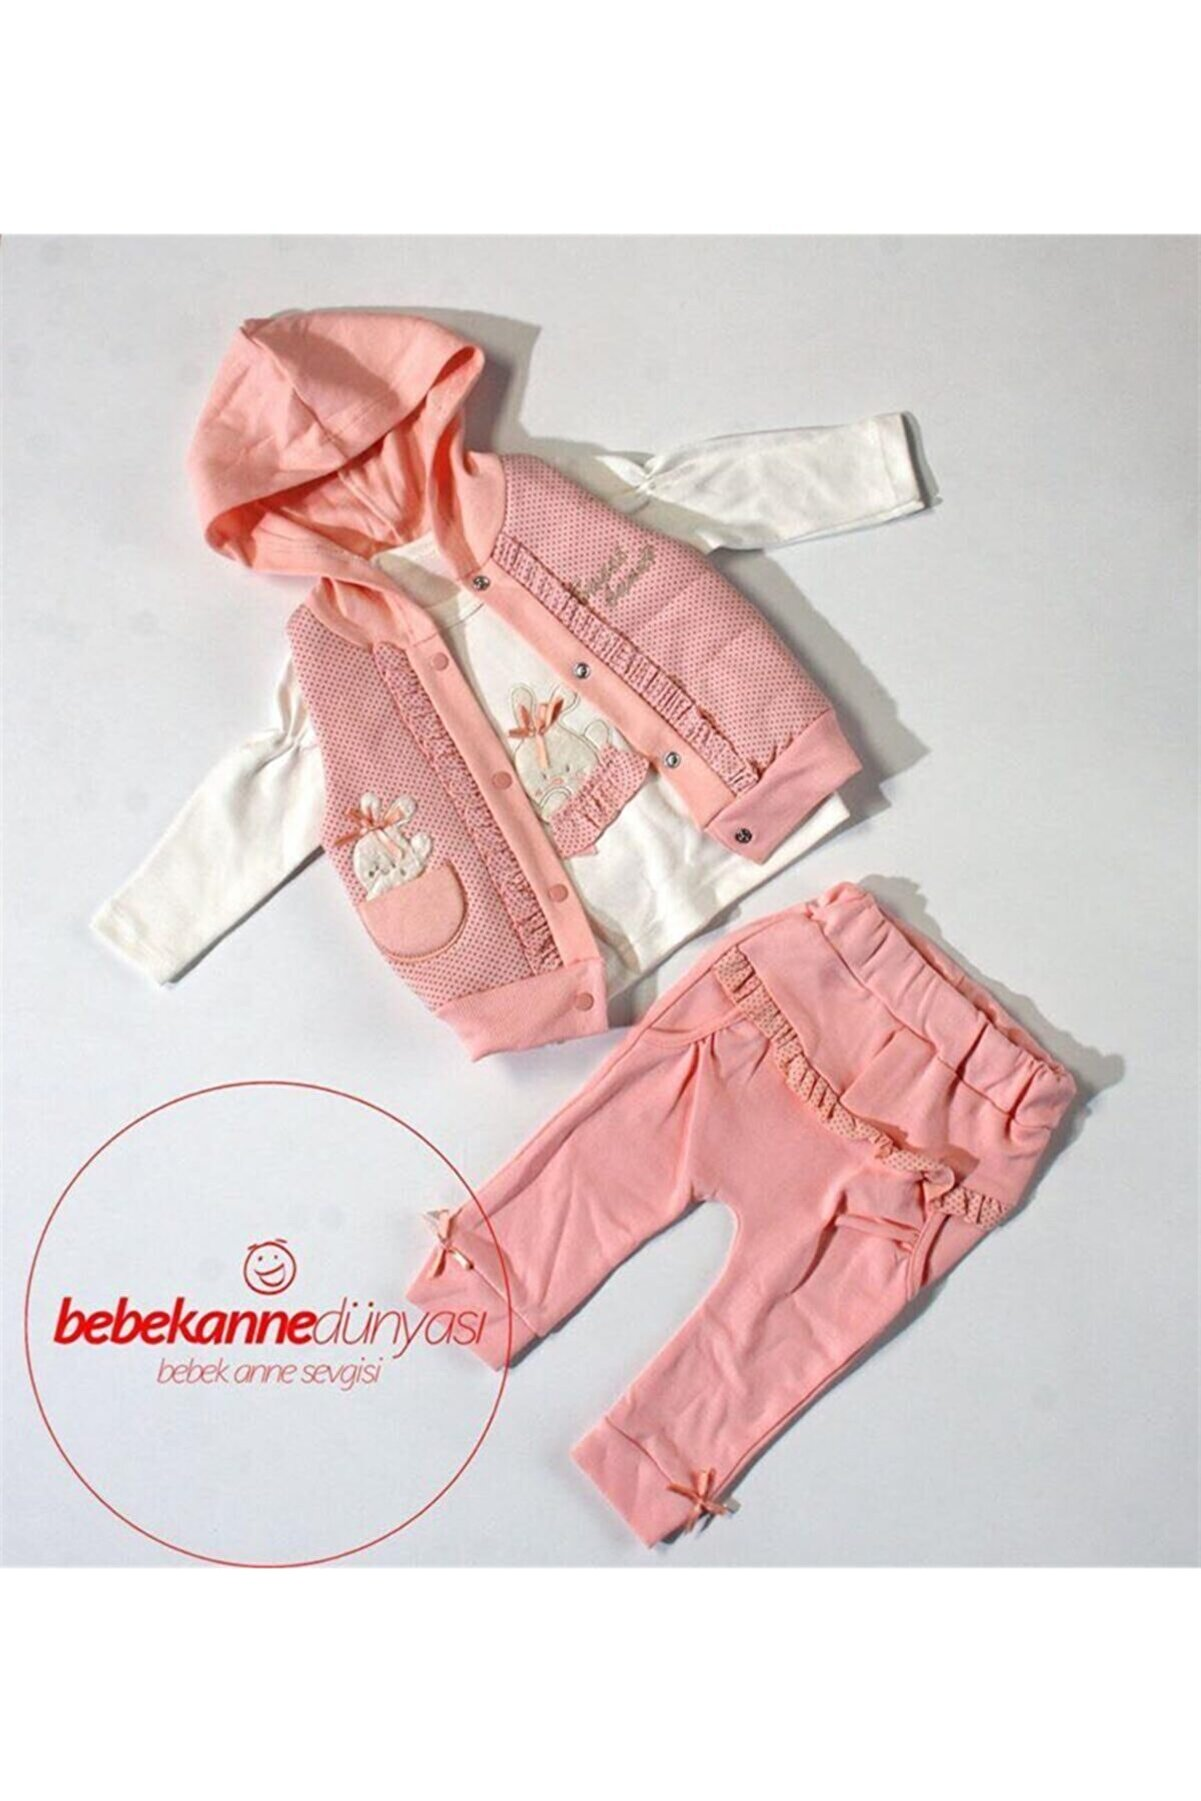 Necix's Bebe Hıppıl Baby Mevsimlik Ayıcıklı Lüx Takım 1300